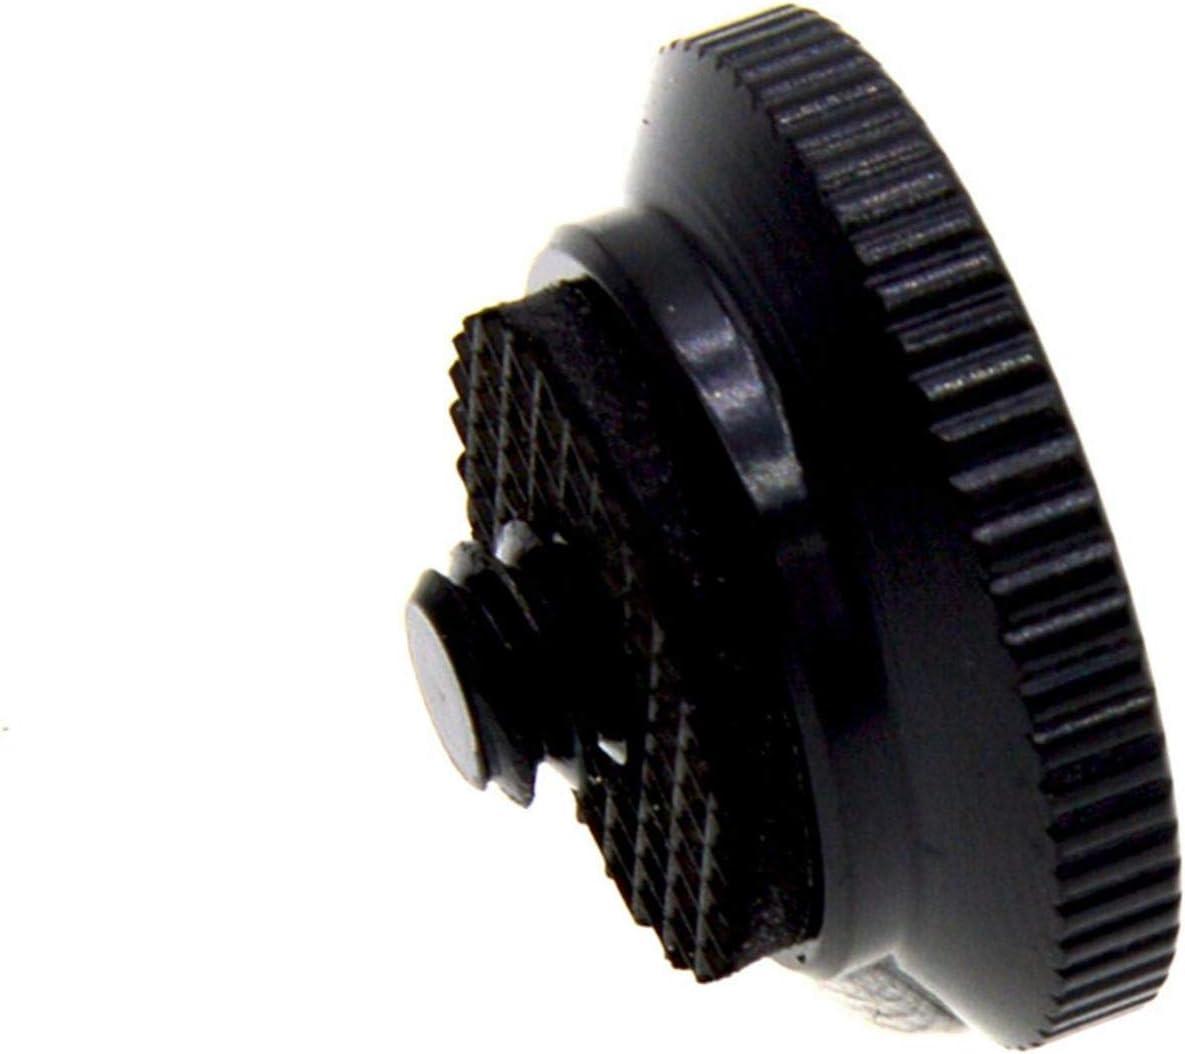 Zapata redonda de liberaci/ón r/ápida para cabezal de tr/ípode para tr/ípode Manfrotto Compact Action para monopi/é con tornillo de 1//4 pulgadas